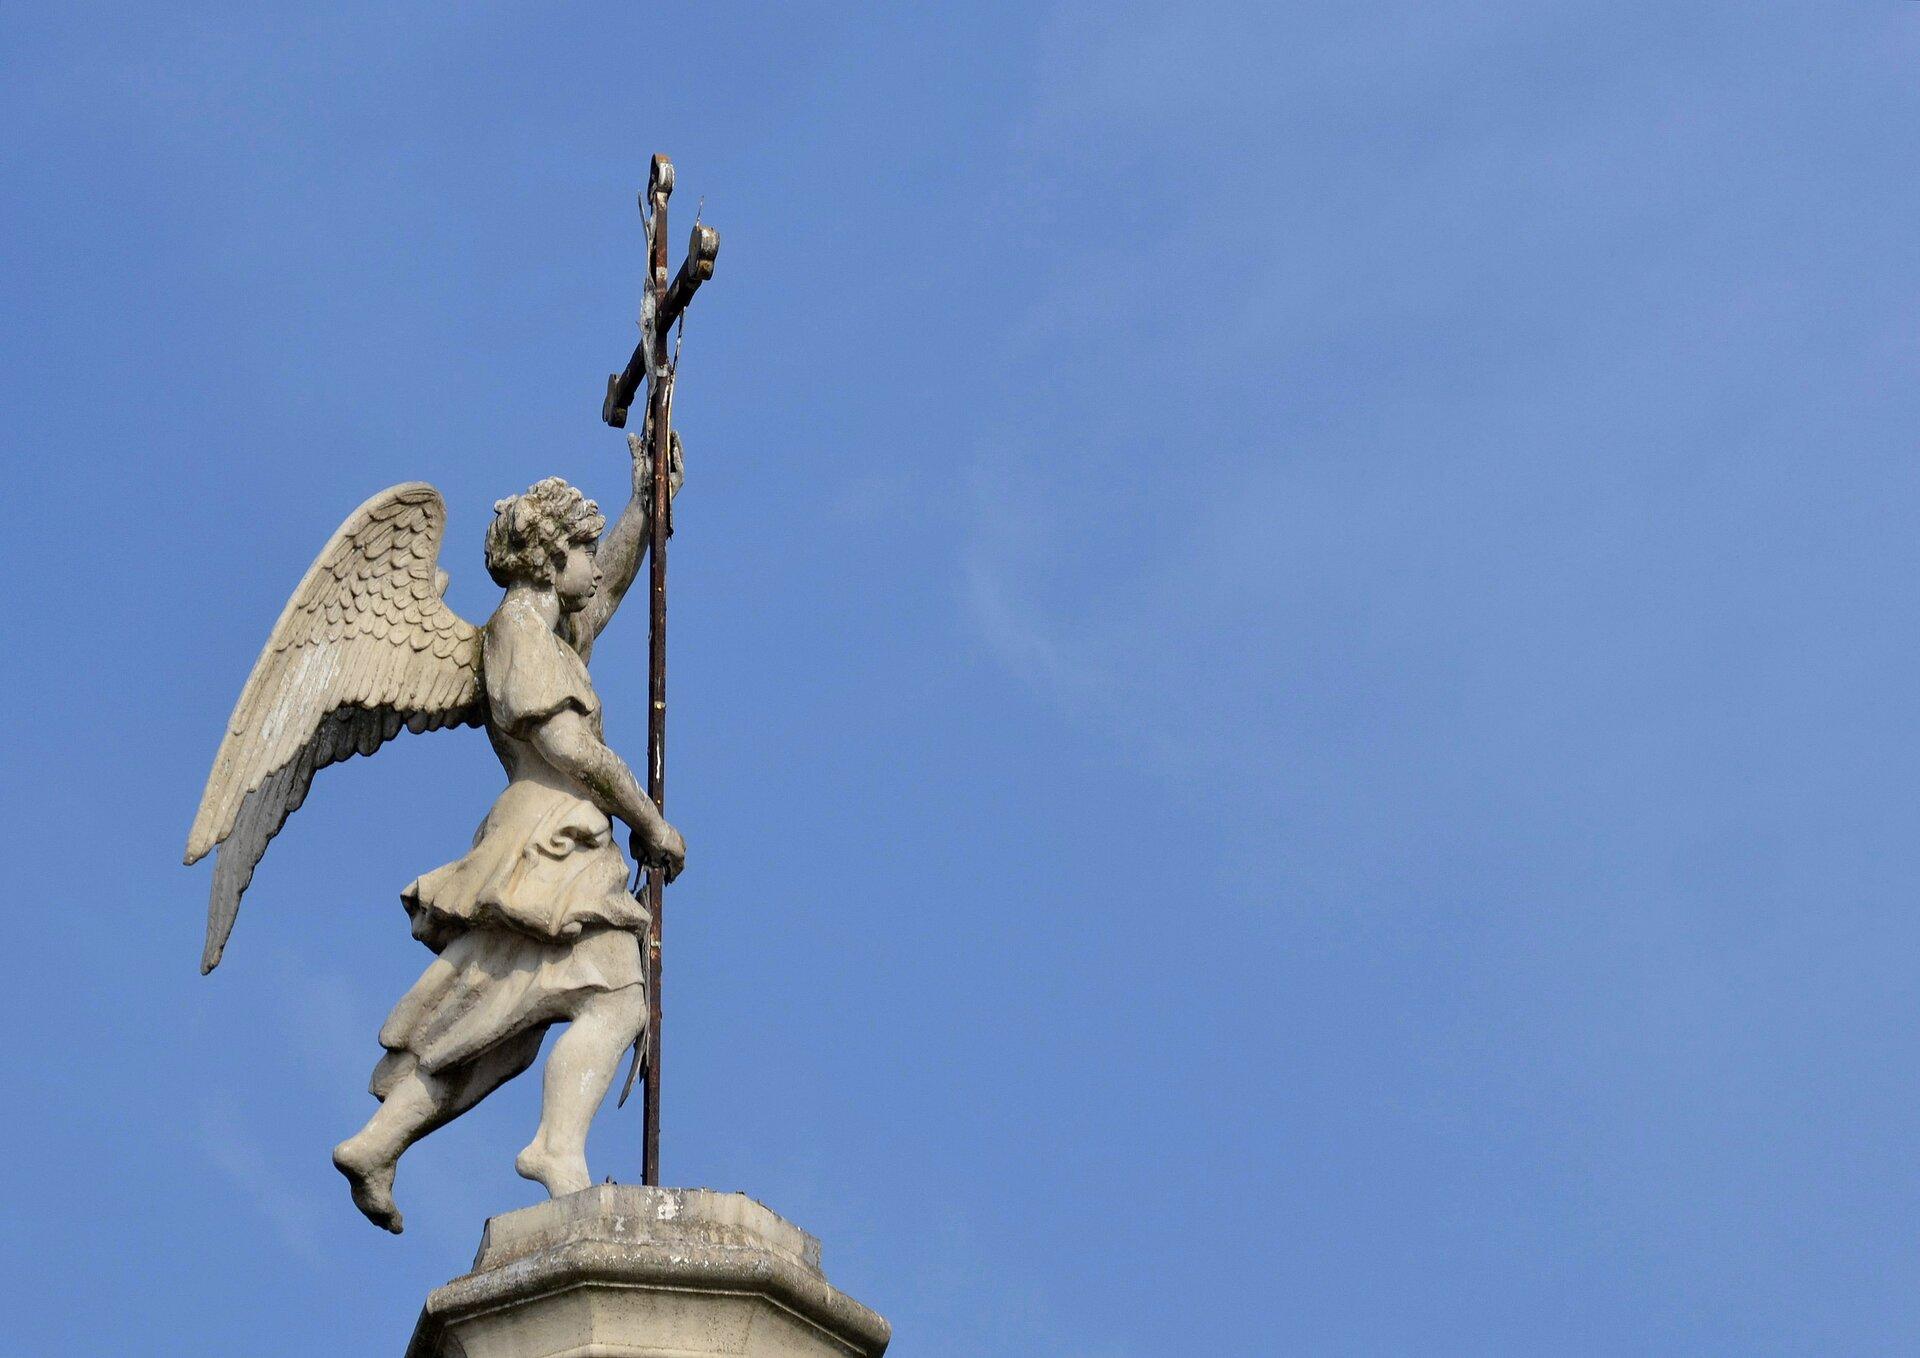 Ilustracja przedstawia rzeźbę zkościoła Merciful Saviour zXVIII w. Na zdjęciu znajduje się rzeźba anioła ustawionego na dachu wierzy budowli. Ubrana wpowłóczyste szaty postać ze skrzydłami, rękoma przytrzymuje się metalowego krzyża. Stoi na jednej nodze, druga uniesiona jest lekko do tyłu. Kamienny posąg, ukazany na tle niebieskiego nieba, skierowany jest wprawą stronę.